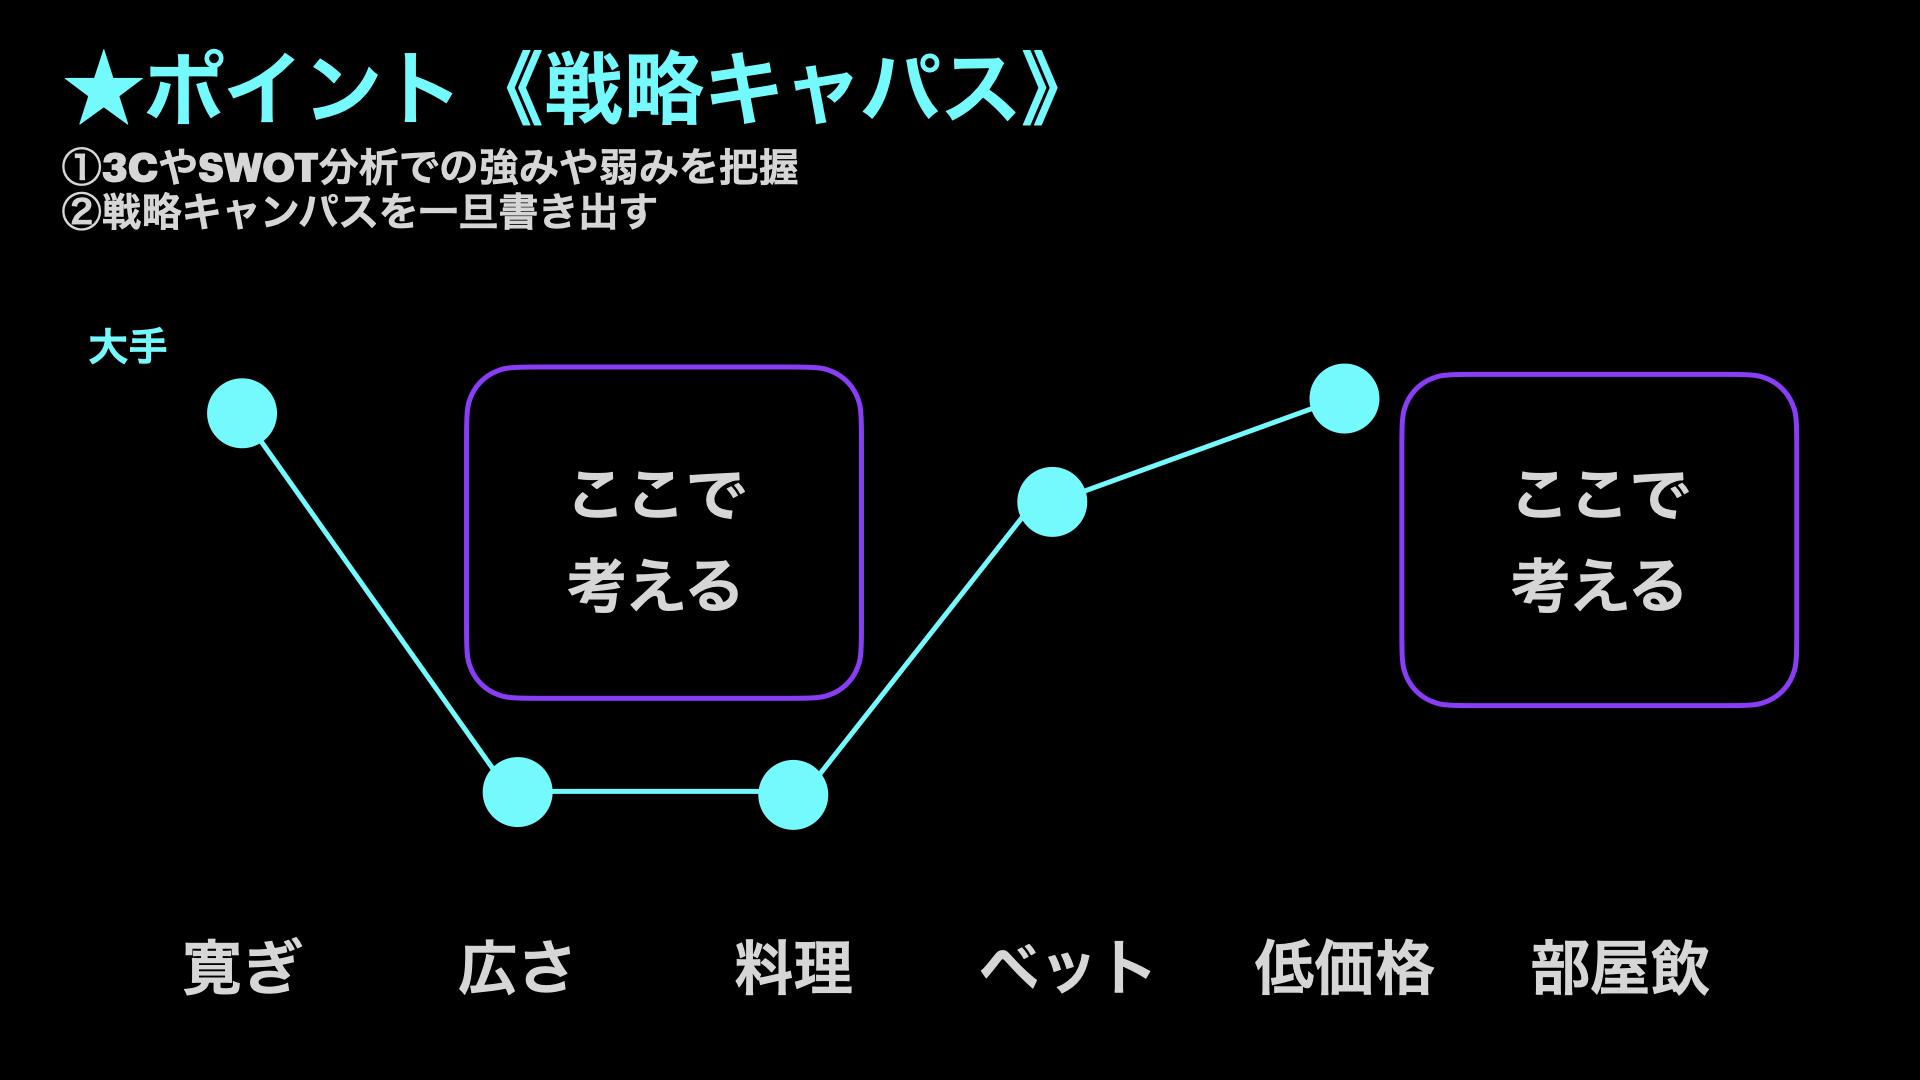 ホテルグリーンコア戦略マップ